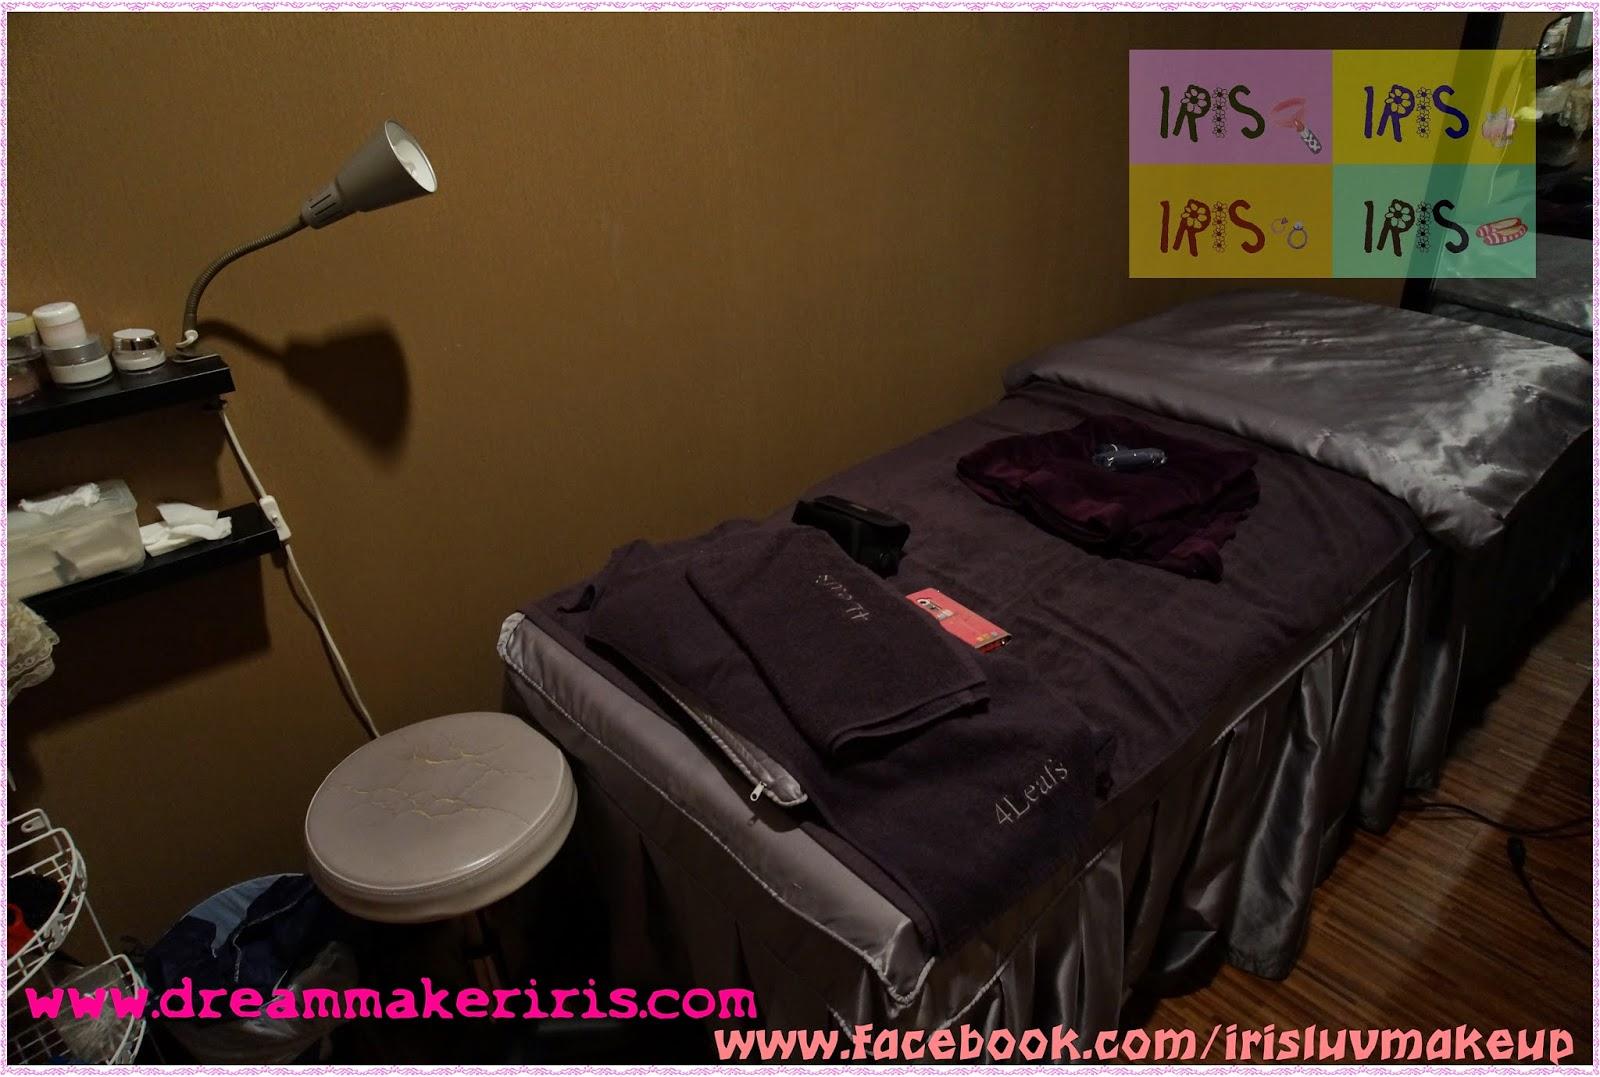 http://1.bp.blogspot.com/-gnlI0bo3lx0/U8wLF4Bg0gI/AAAAAAAAXMw/2J0SpjWBMPo/s1600/DSC08419.JPG